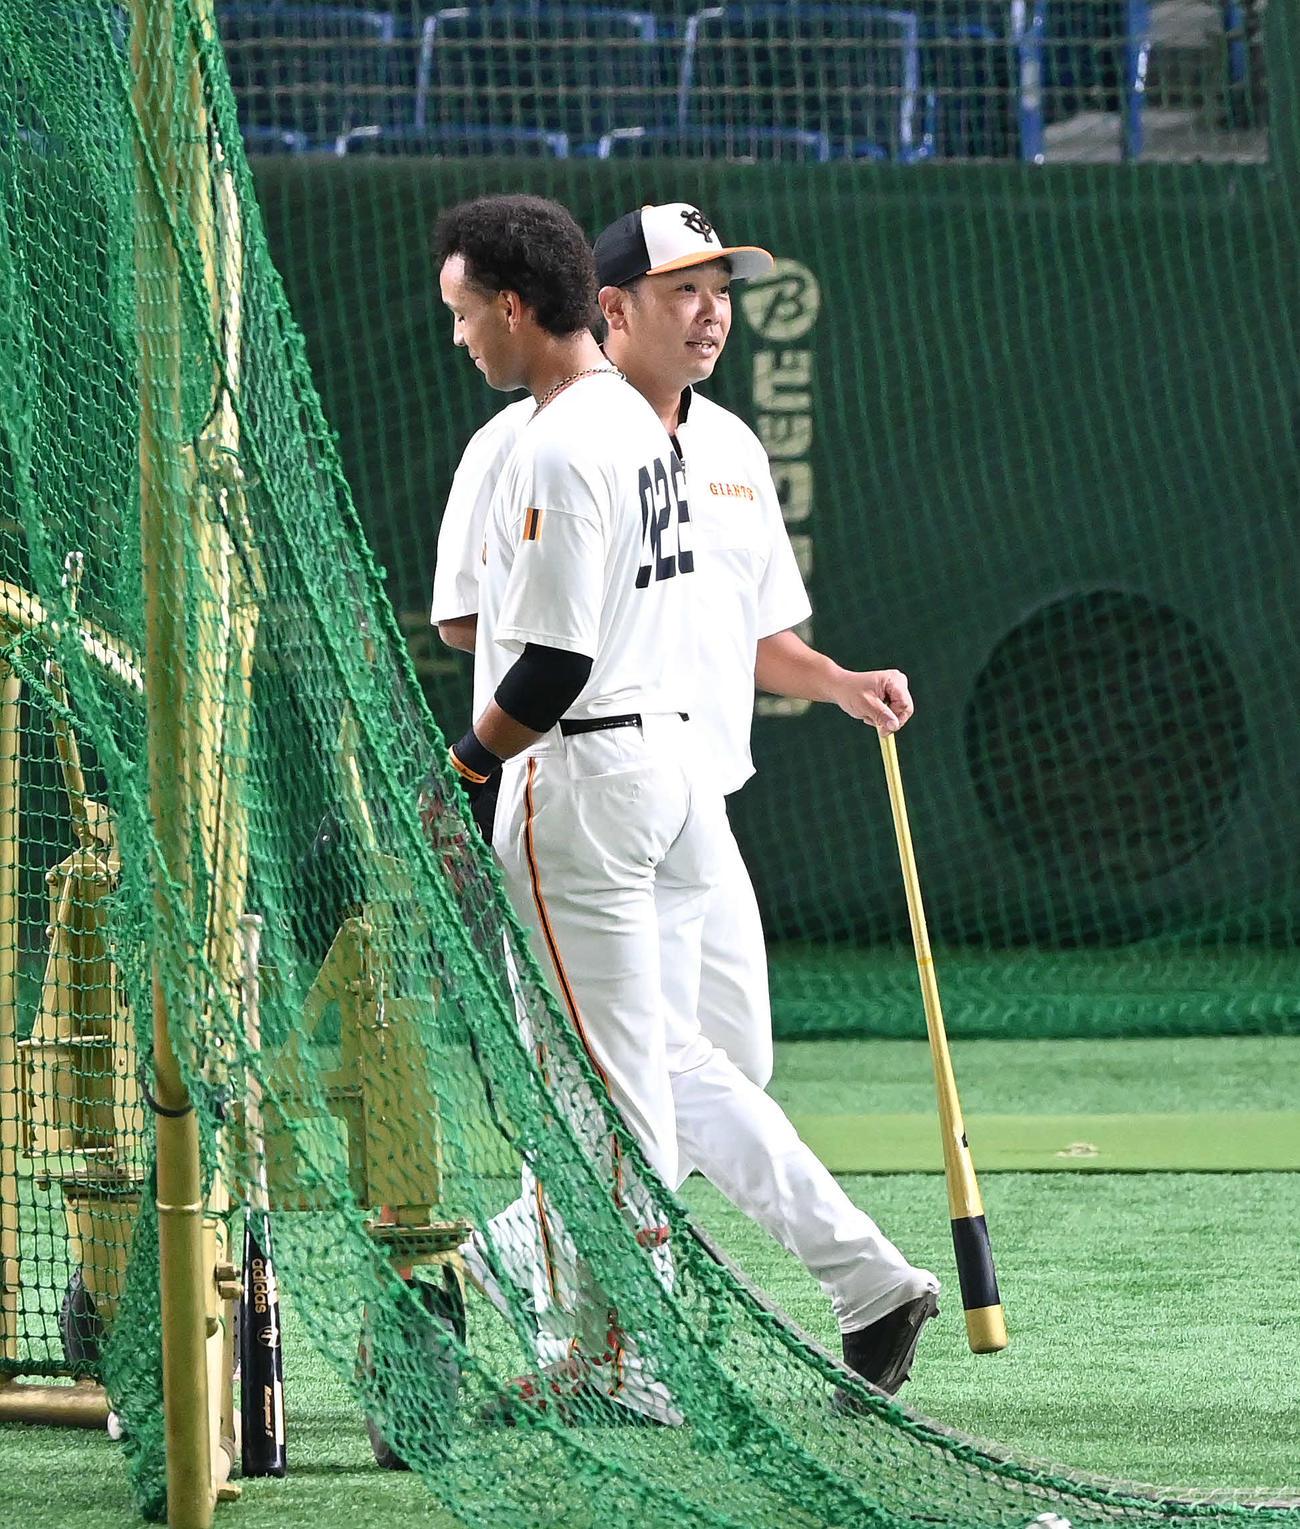 阪神戦の試合前練習で、タッチを交わす巨人阿部ヘッドコーチ代行(右)とウレーニャ(2020年9月16日撮影)